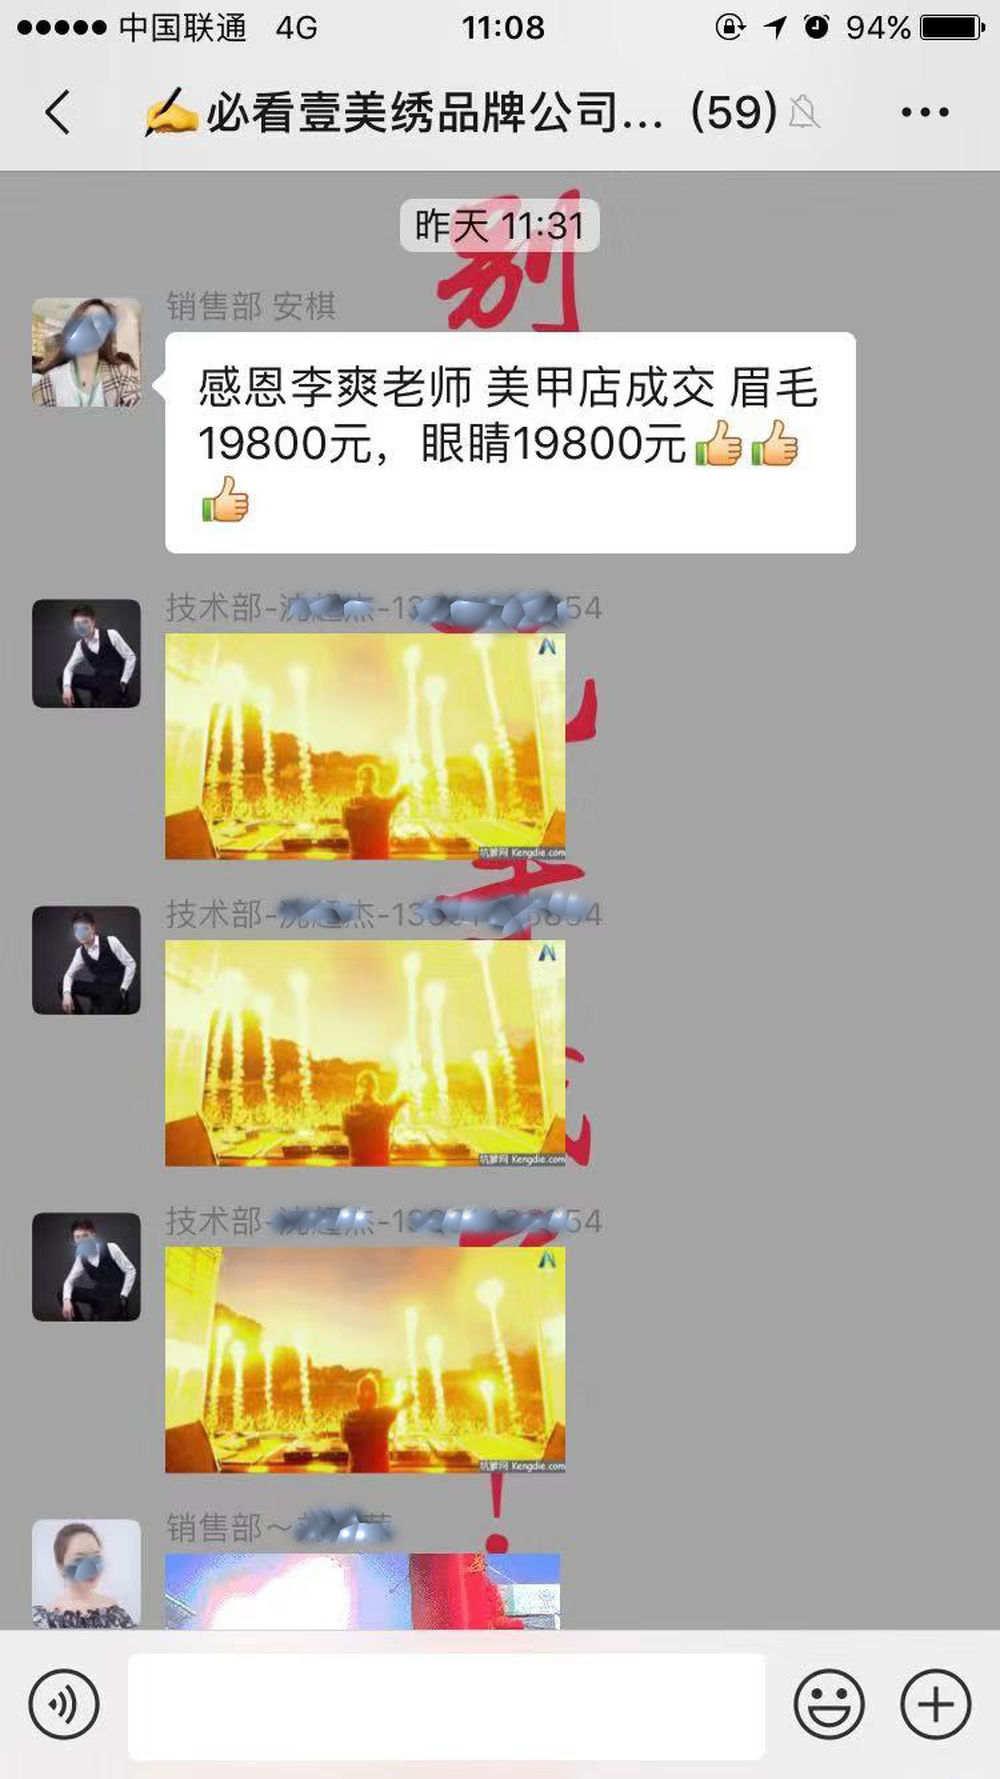 微信图片_20191127090347.jpg?x-oss-process=style/w10